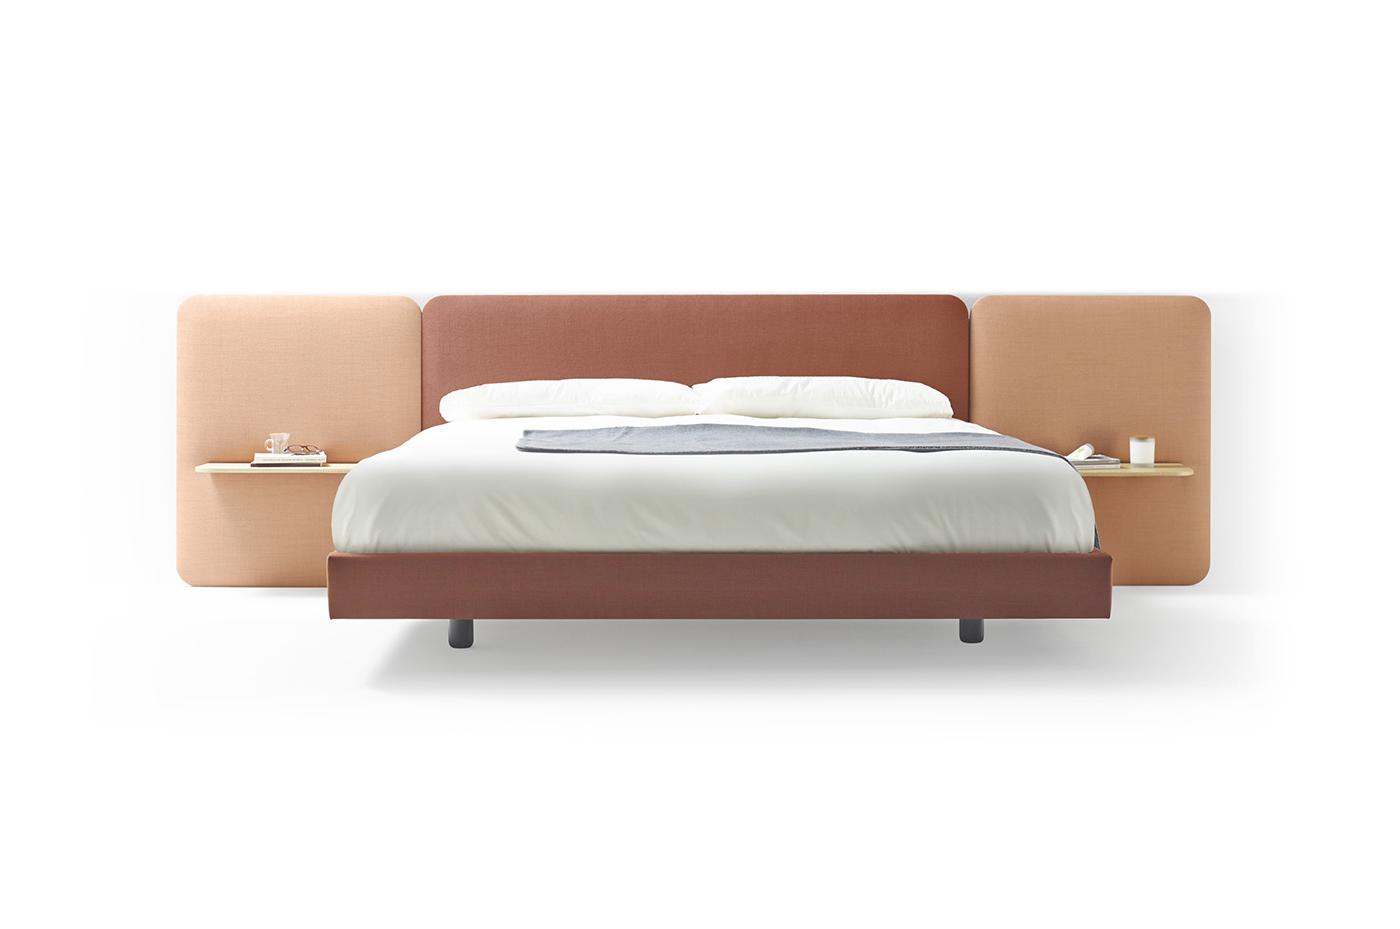 卧室 床 创意家具 现代家居 时尚家具 设计师家具 定制家具 实木家具 洛塔床